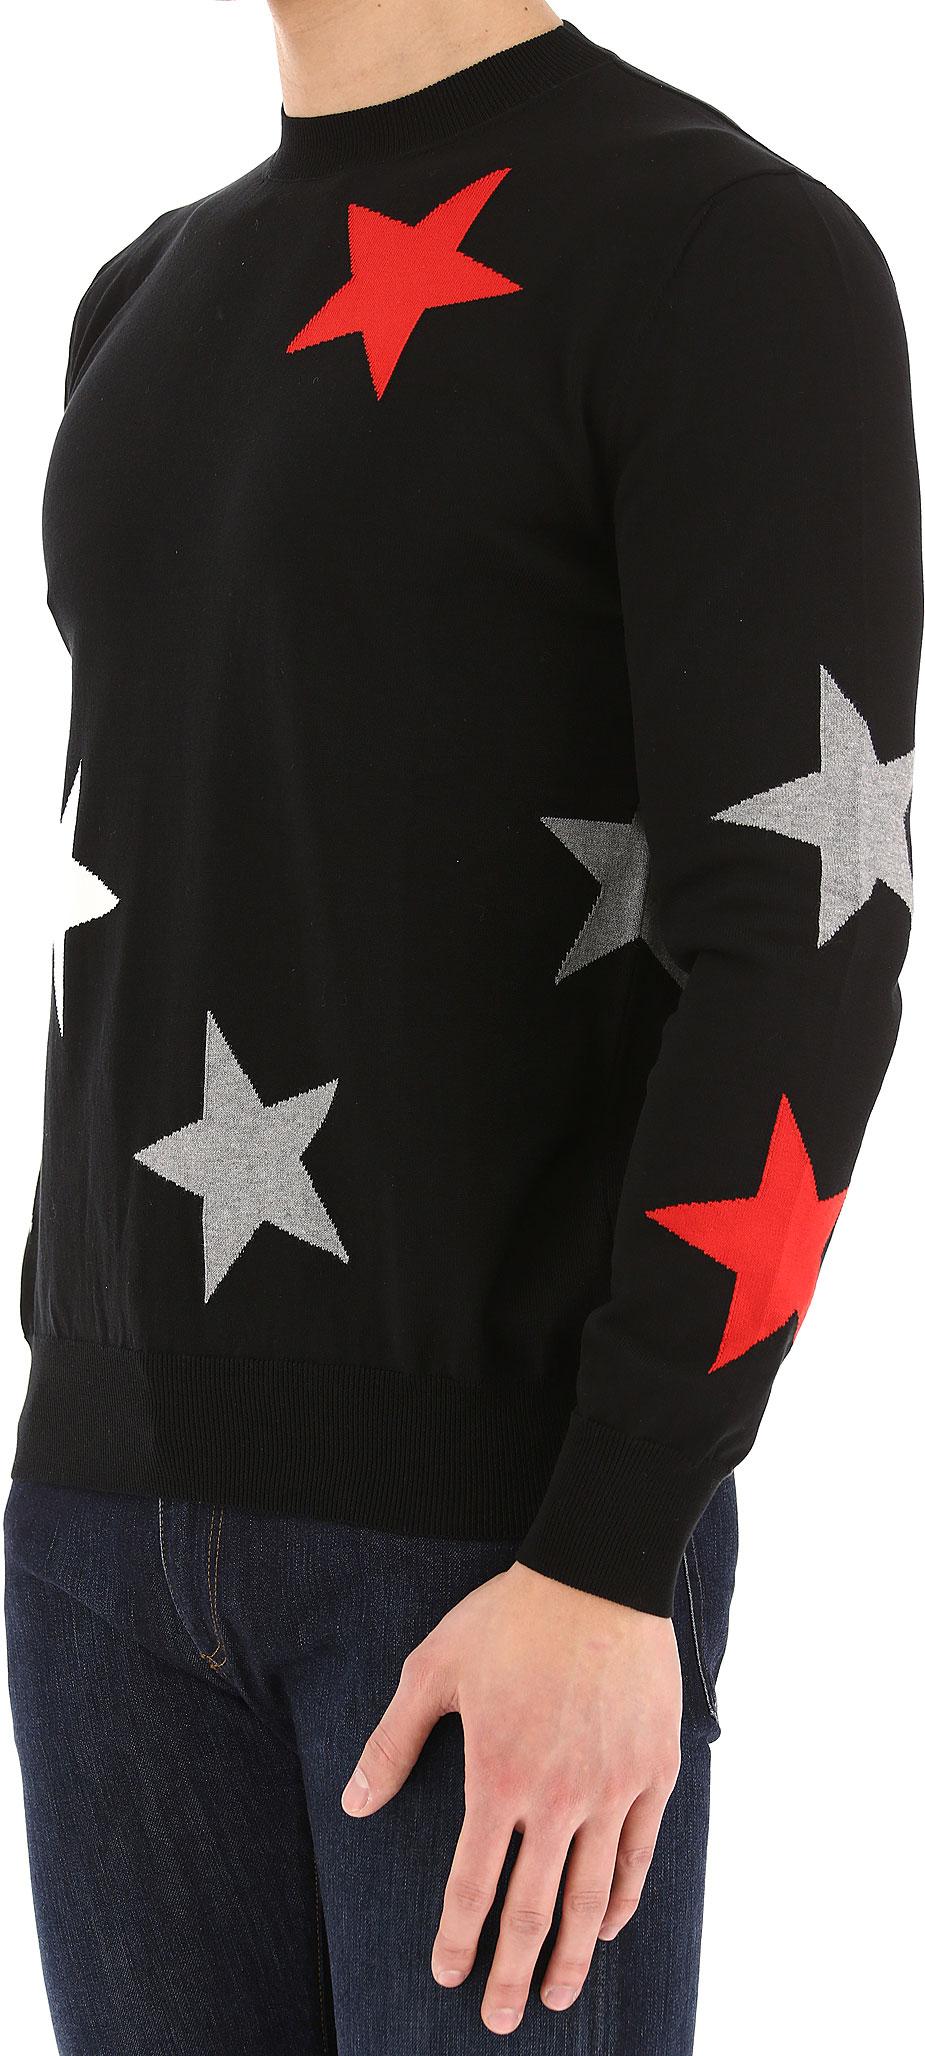 Abbigliamento Uomo Givenchy, Codice Articolo: bm900v4y0a-001-